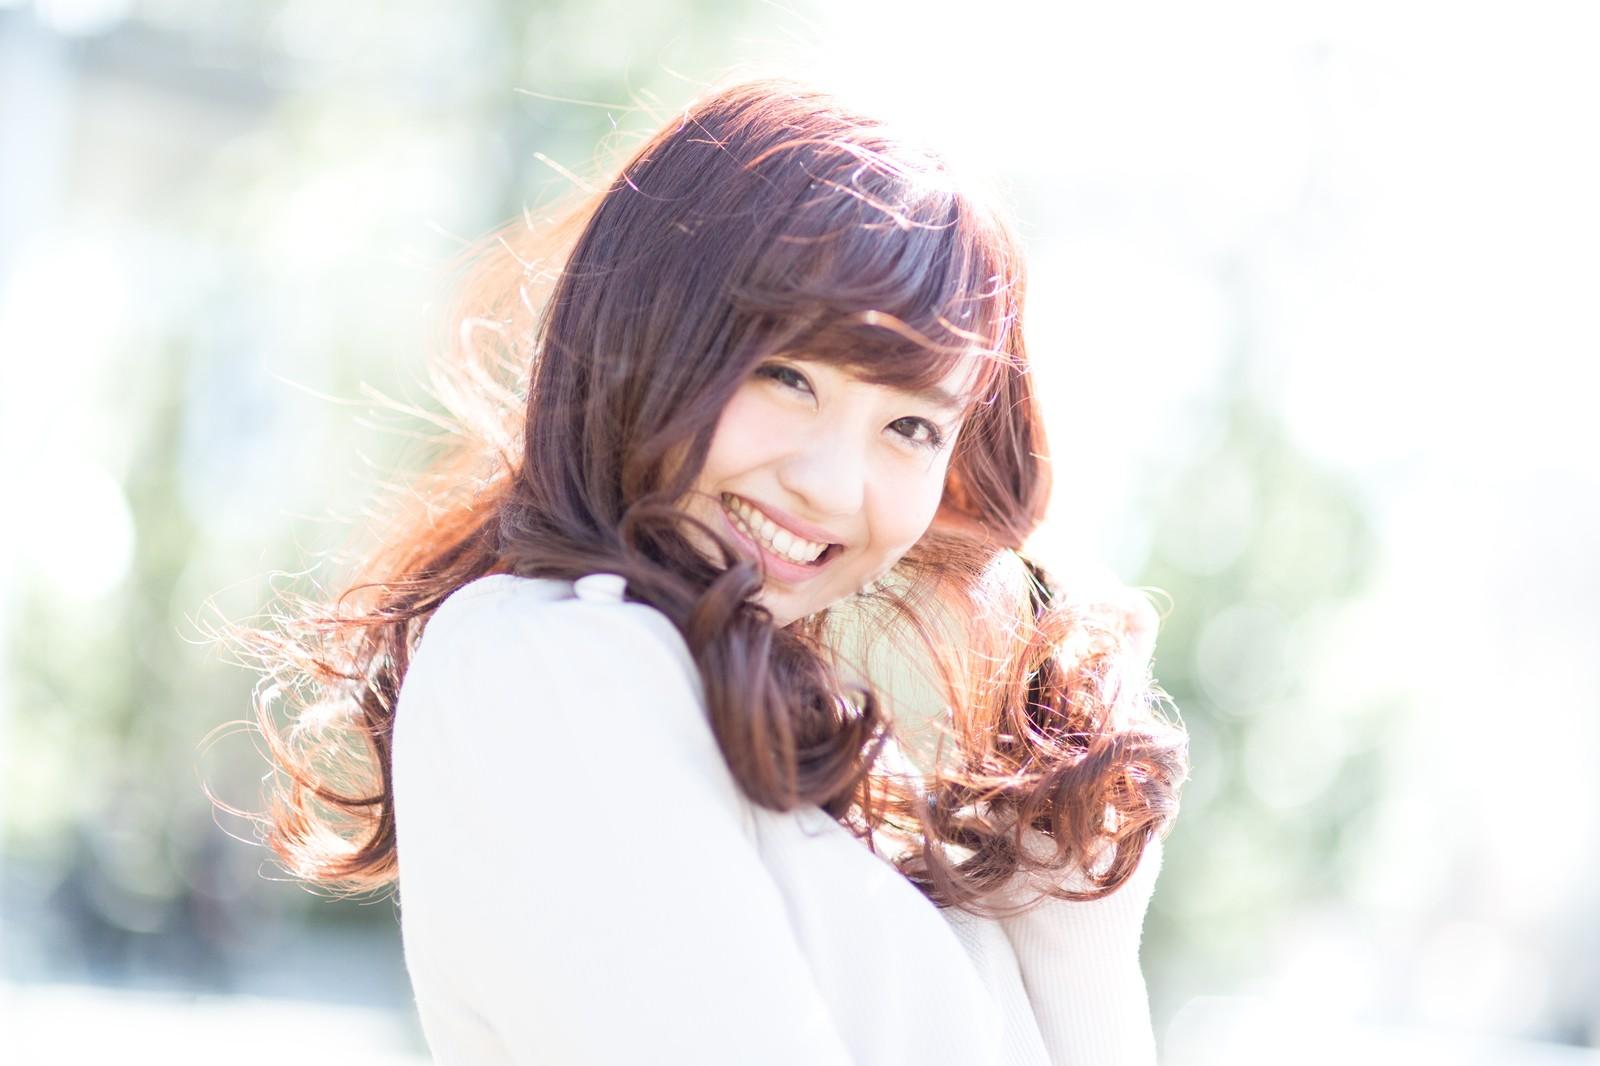 婚活でモテる女性の条件はコレ!|東京恵比寿の結婚相談所|喜園